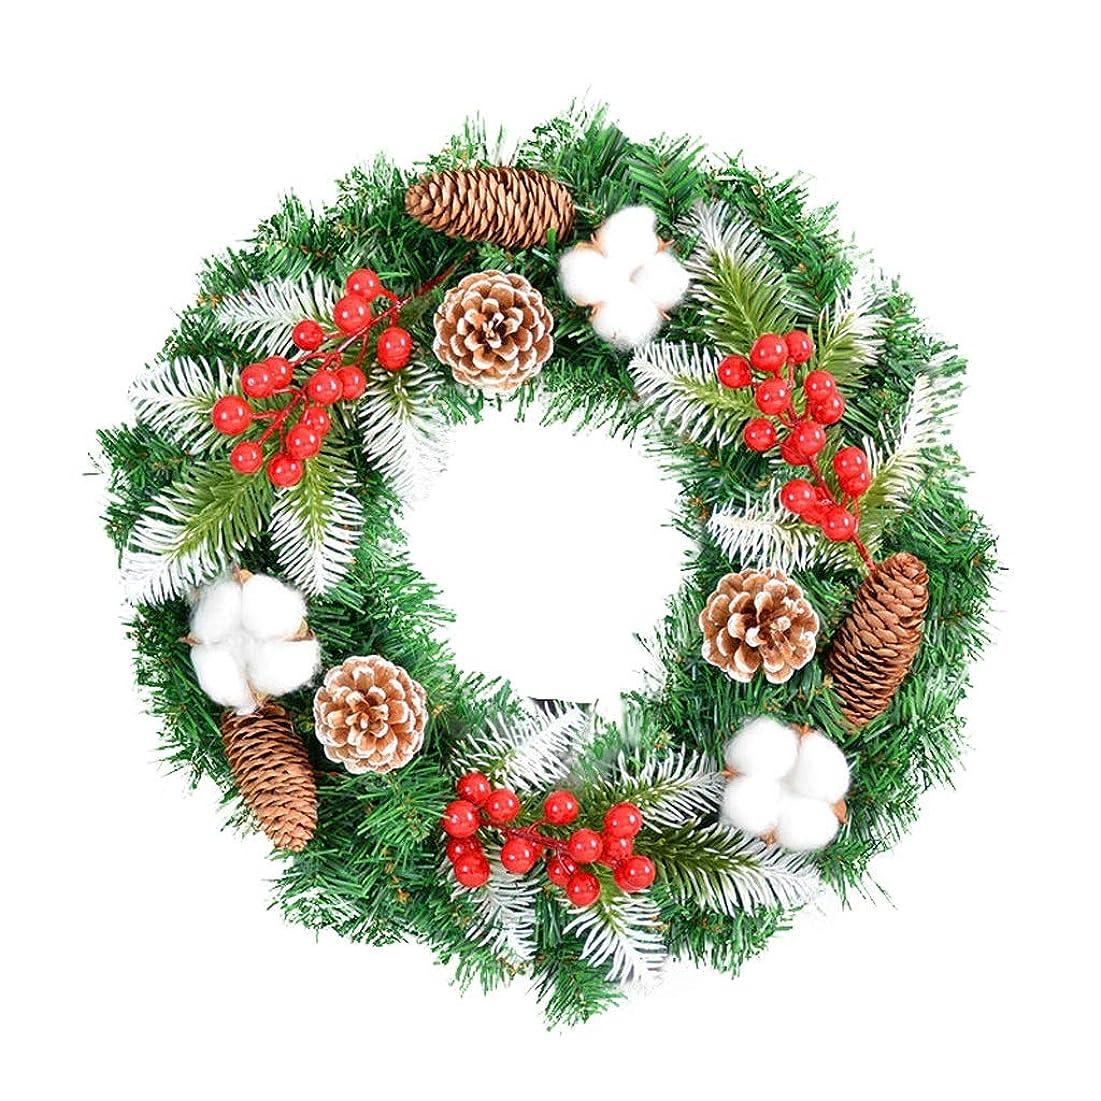 ハドル思春期なんとなくHN クリスマスリース、クリスマスの装飾、ドアマテリアルを吊るす、クリスマスツリーの装飾、40cm50cm60cmオプション (Color : Without lights, Size : 50x50cm)